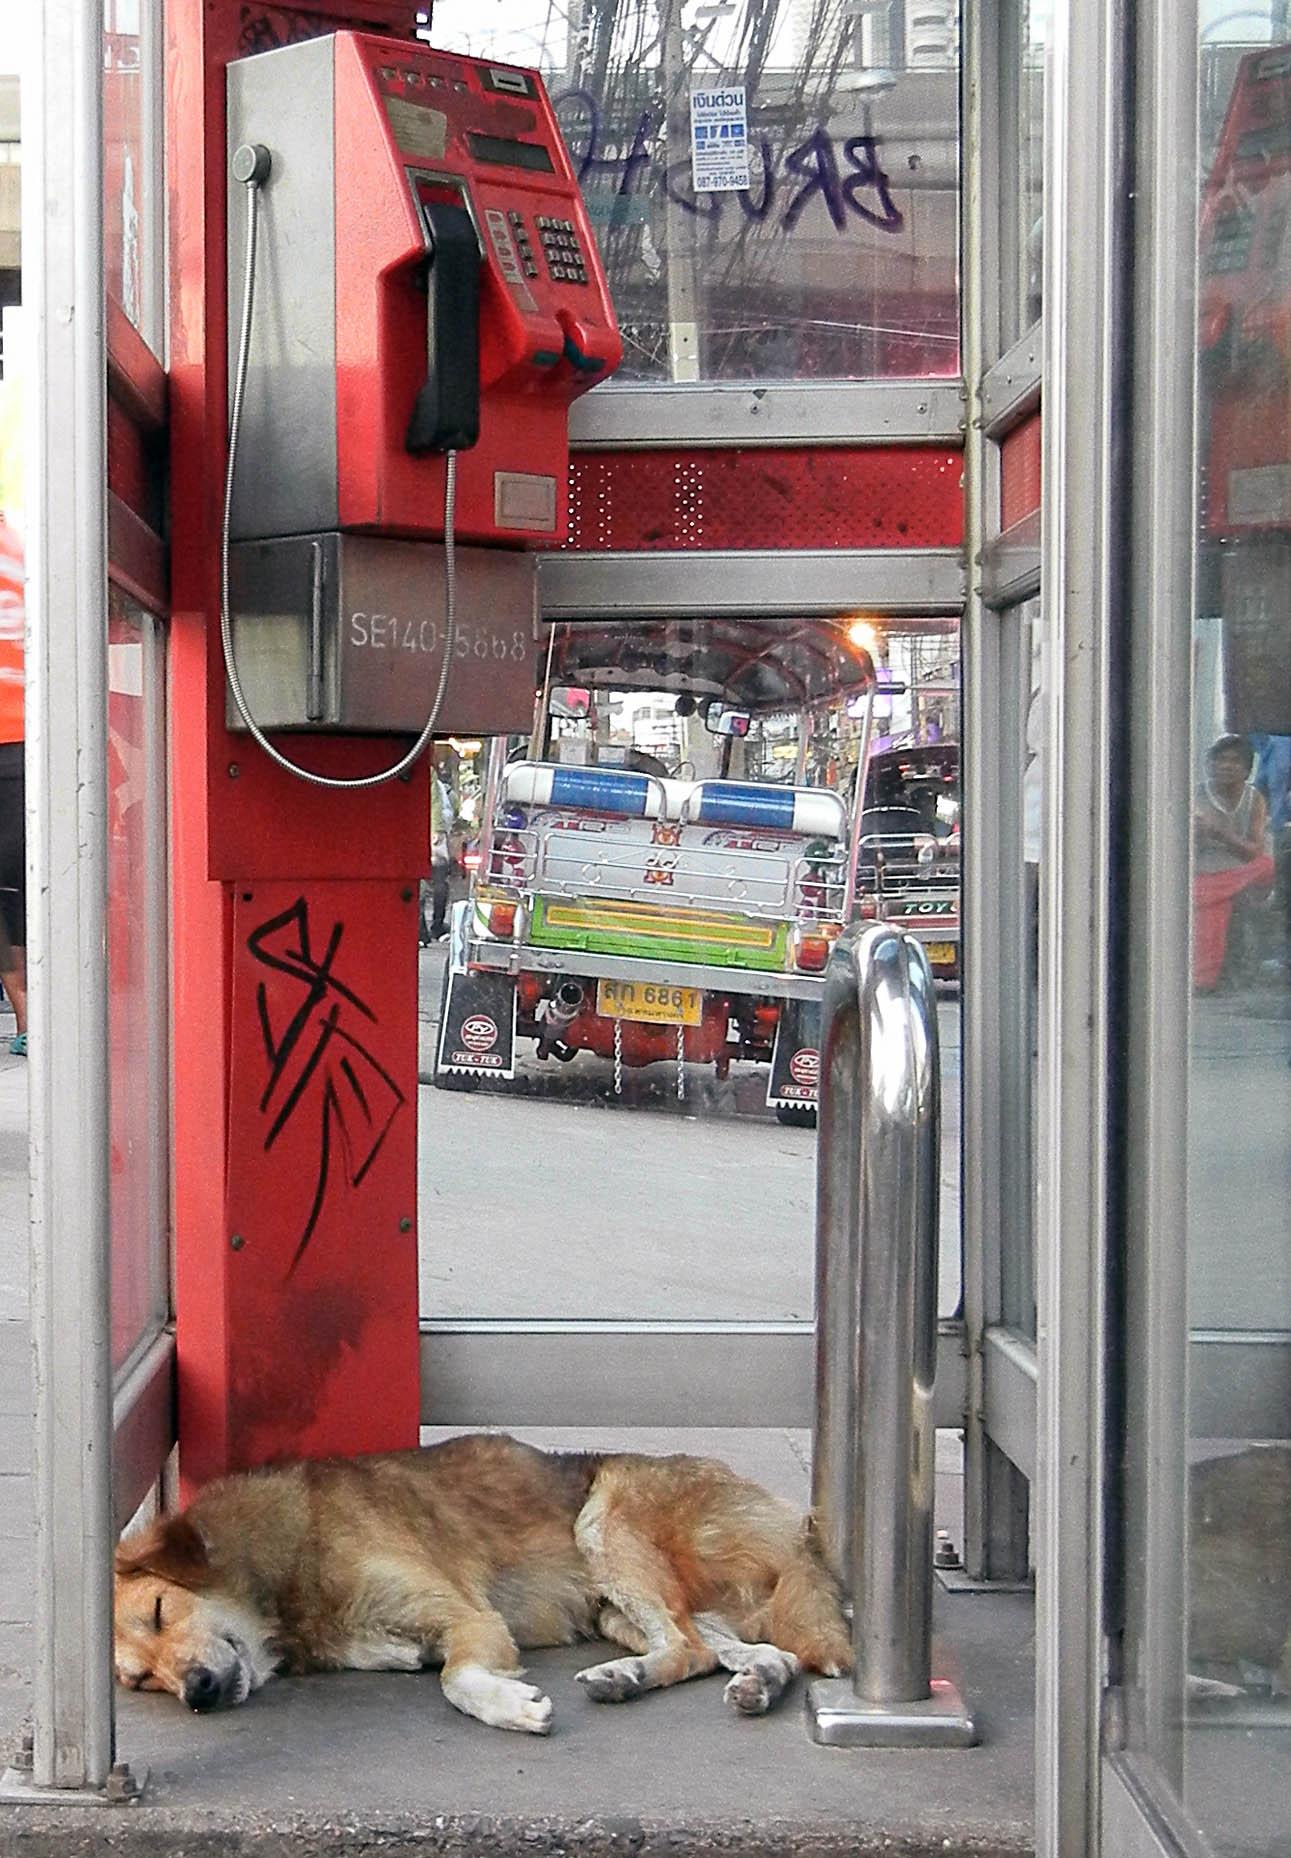 Hund in Telefonzelle